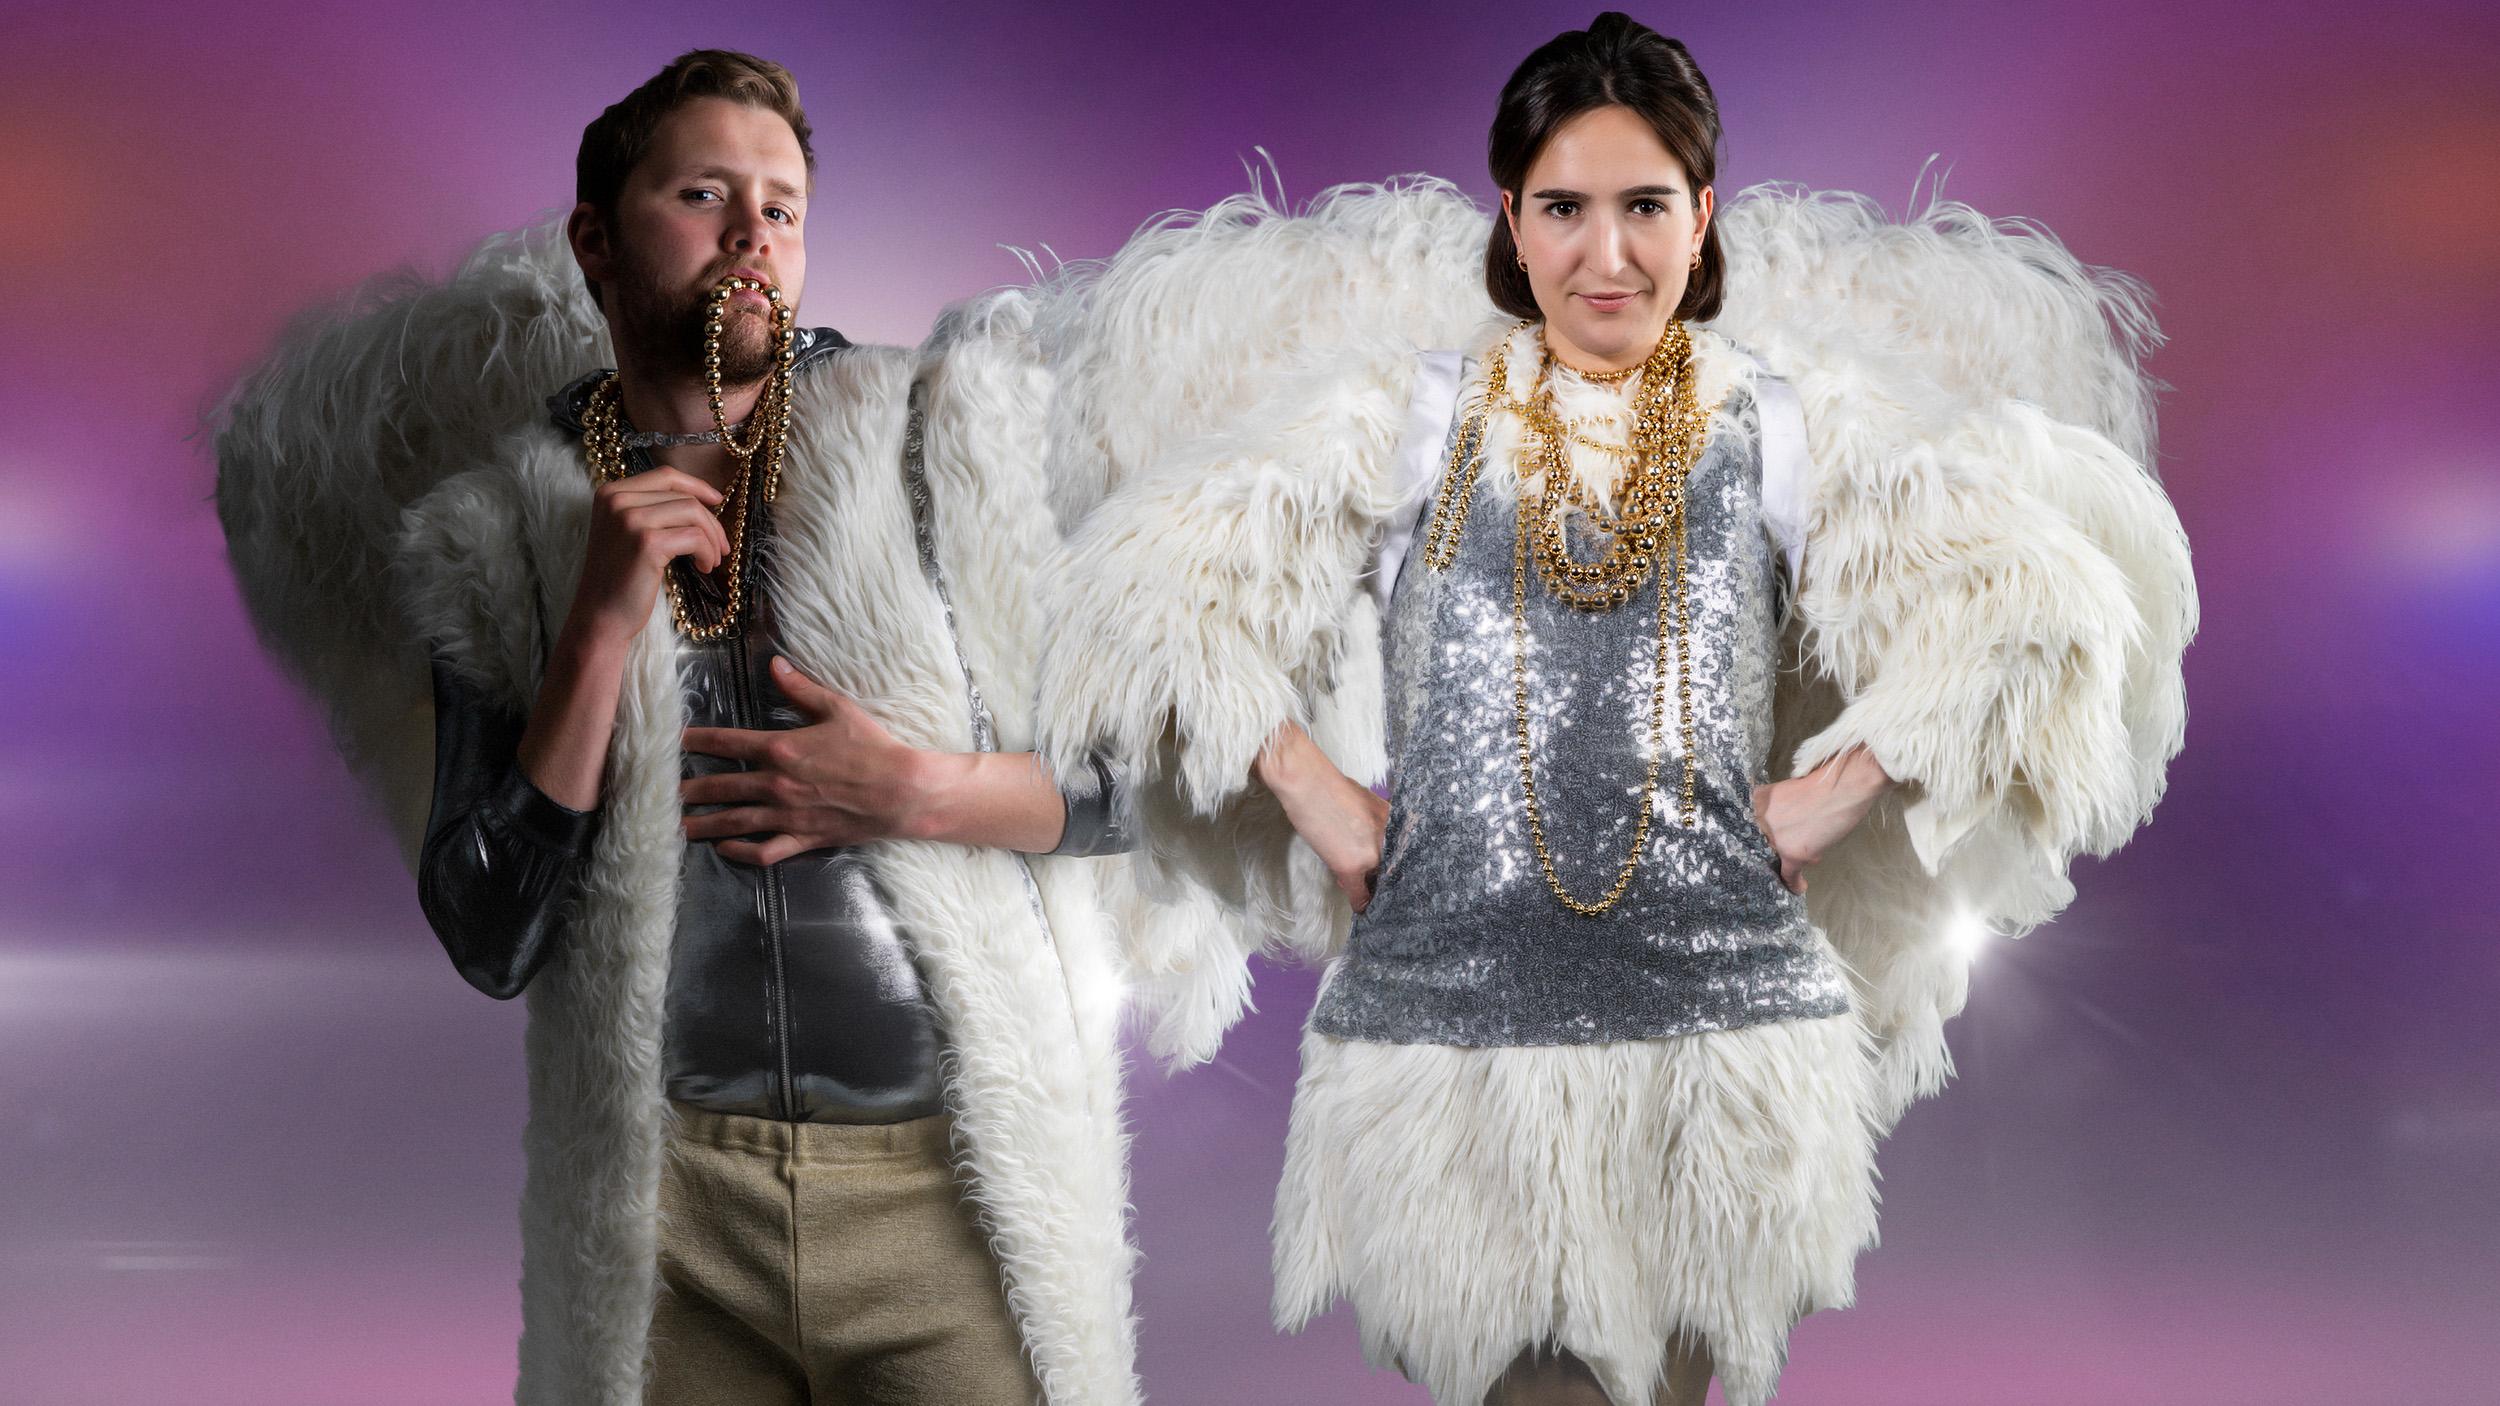 Et bilde av Martin og Adelina med englevinger og Eurovision-outfits